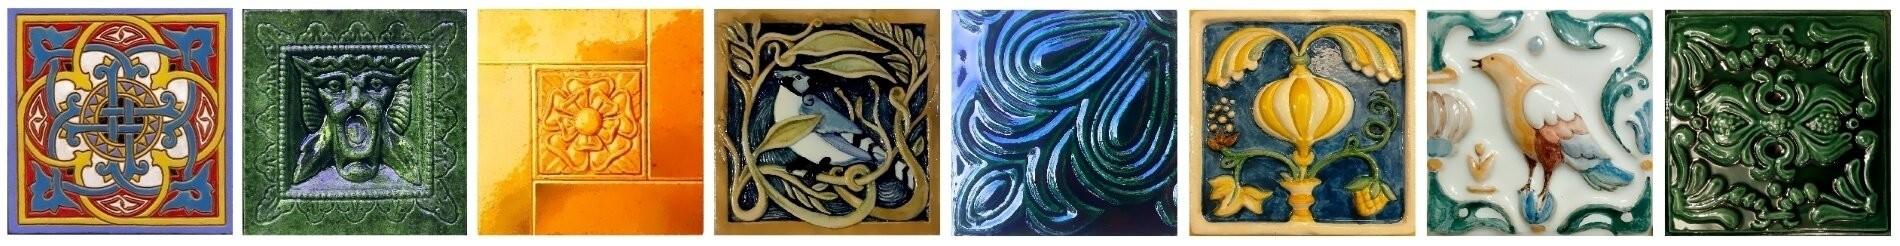 Рельефные и расписные печные изразцы в разных стилях. Керамическая изразцовая плитка недорого. Фото, цена. Купить в Москве.